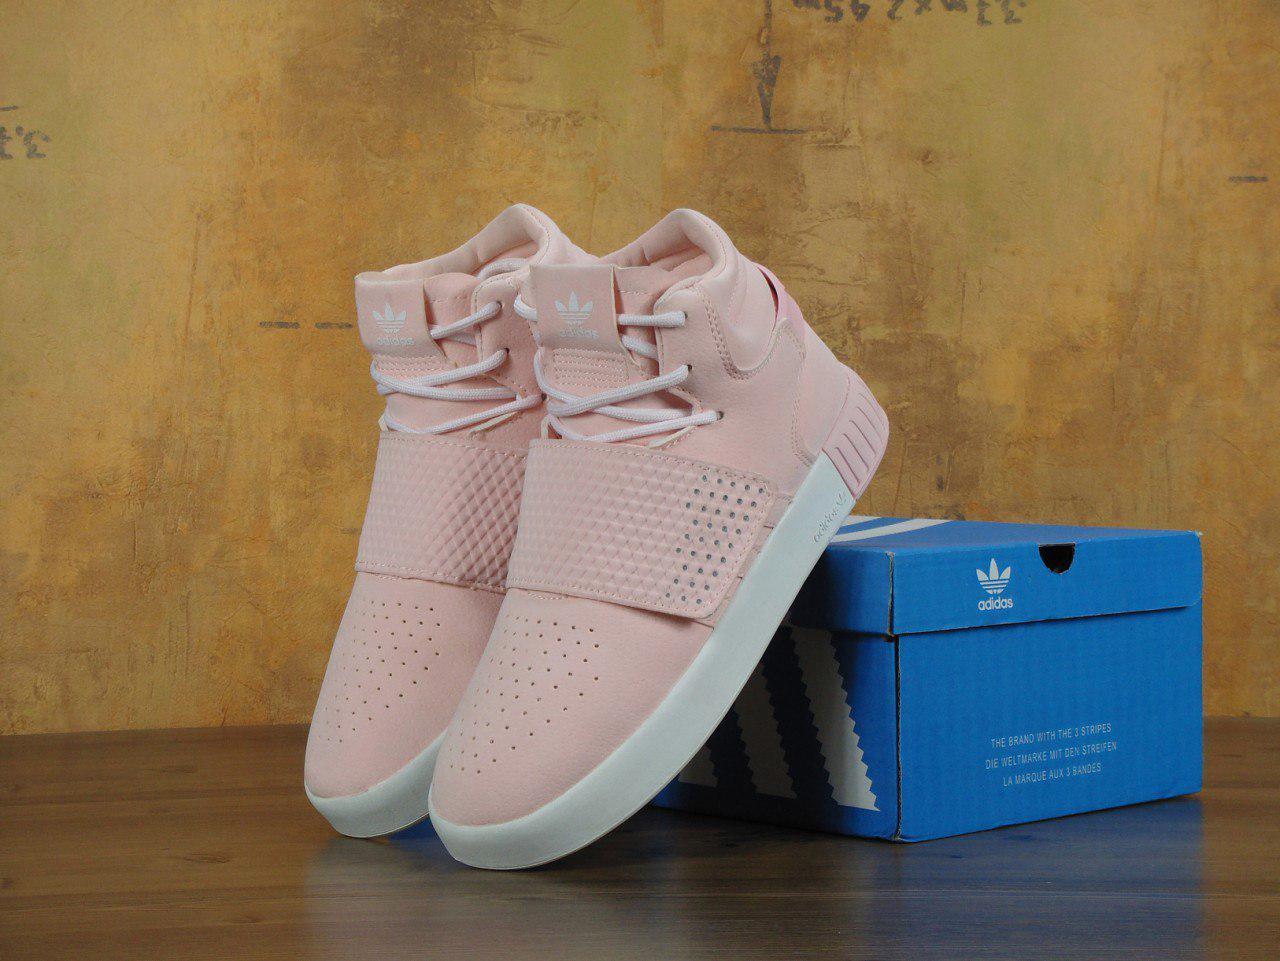 Кроссовки Adidas Tubular Invader Strap Pink розовые топ реплика